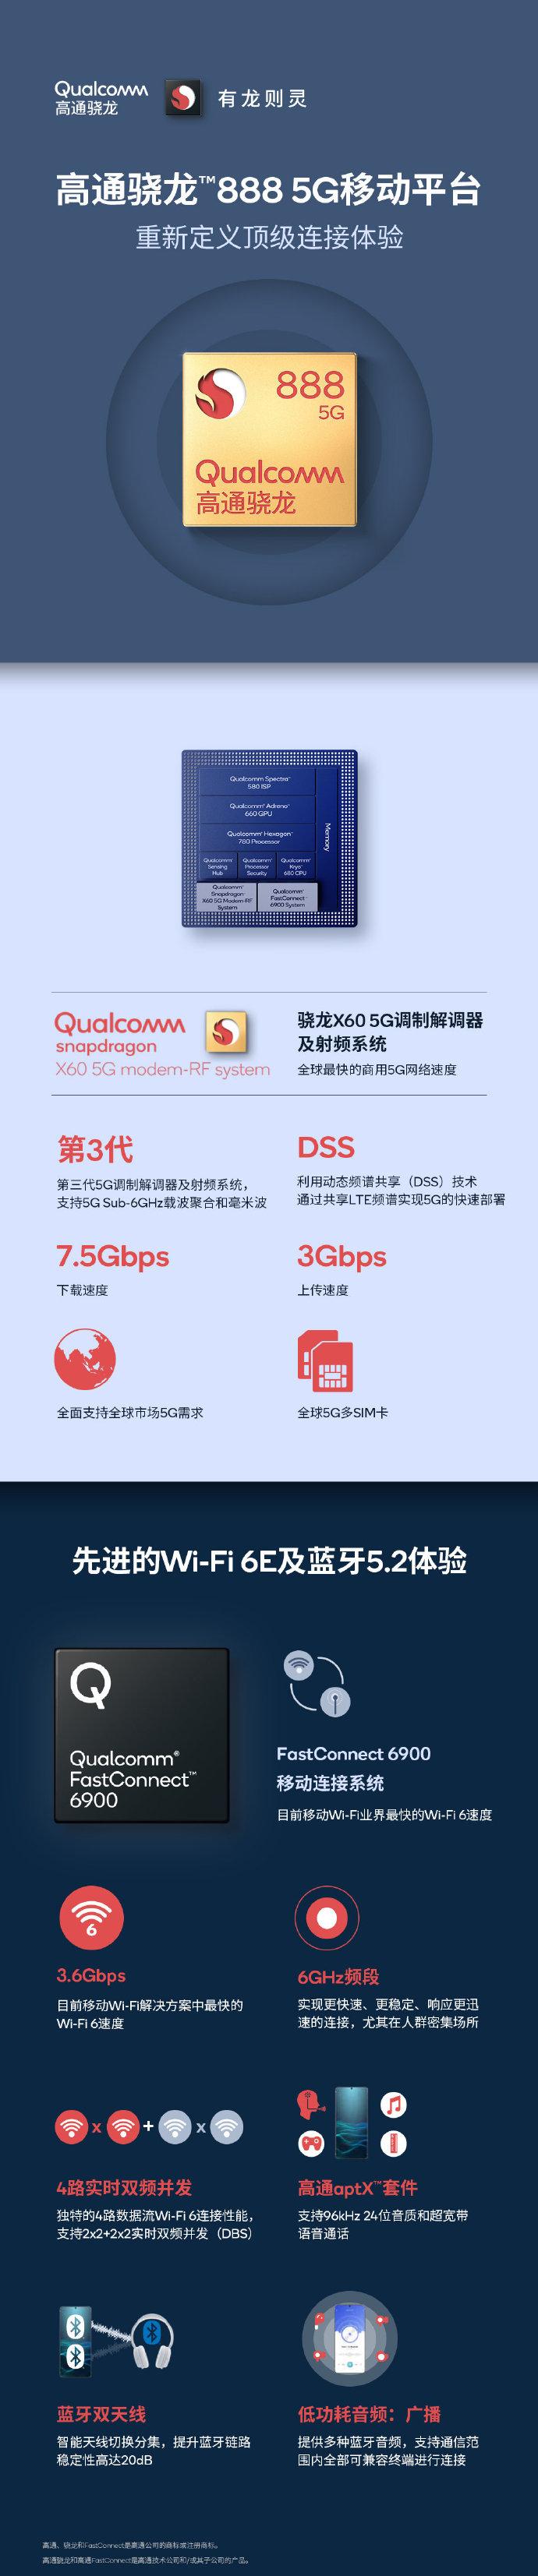 高通发布长图解释高通骁龙888-玩懂手机网 - 玩懂手机第一手的手机资讯网(www.wdshouji.com)